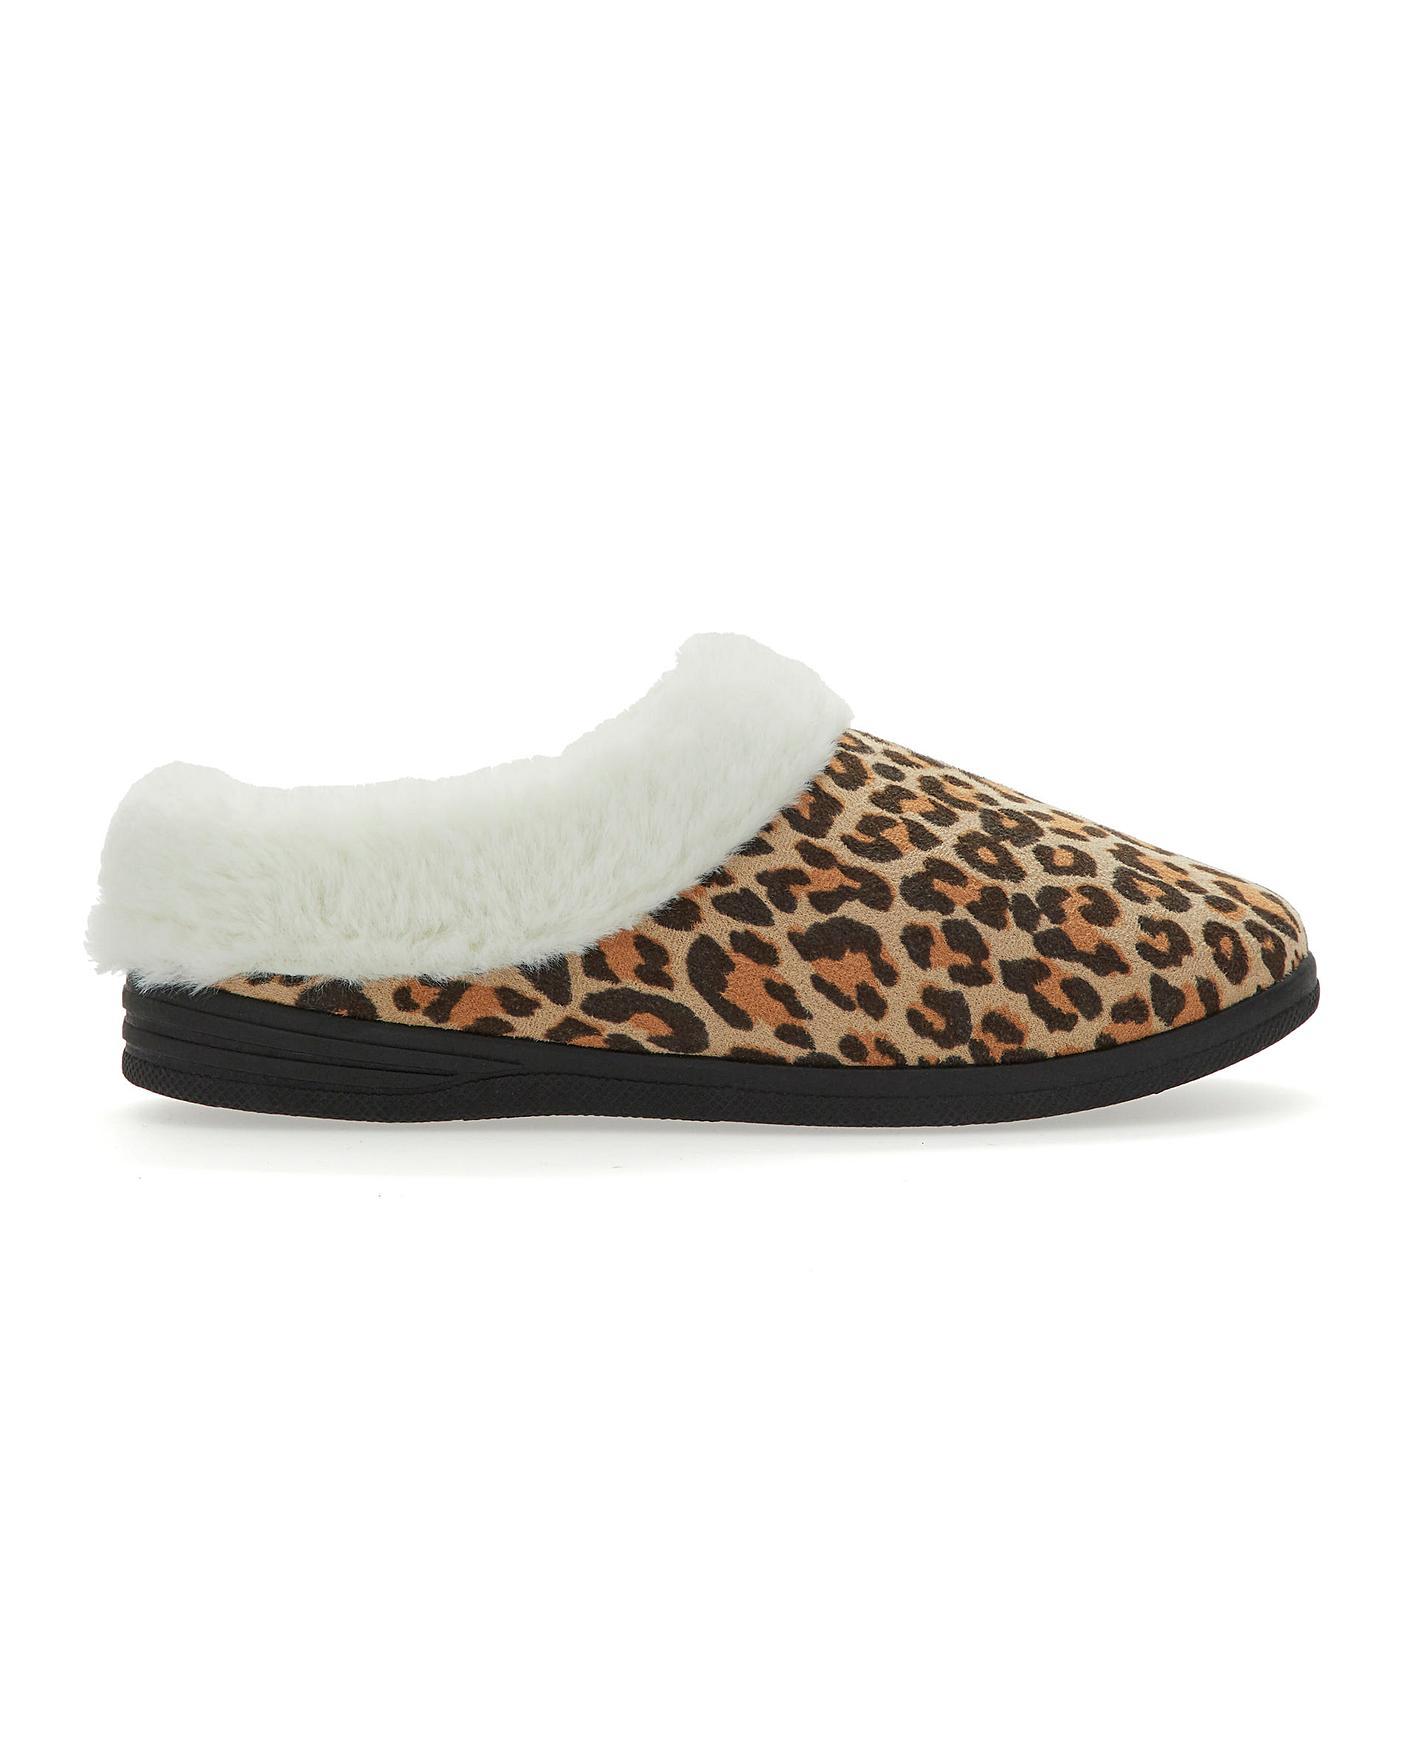 e slippers